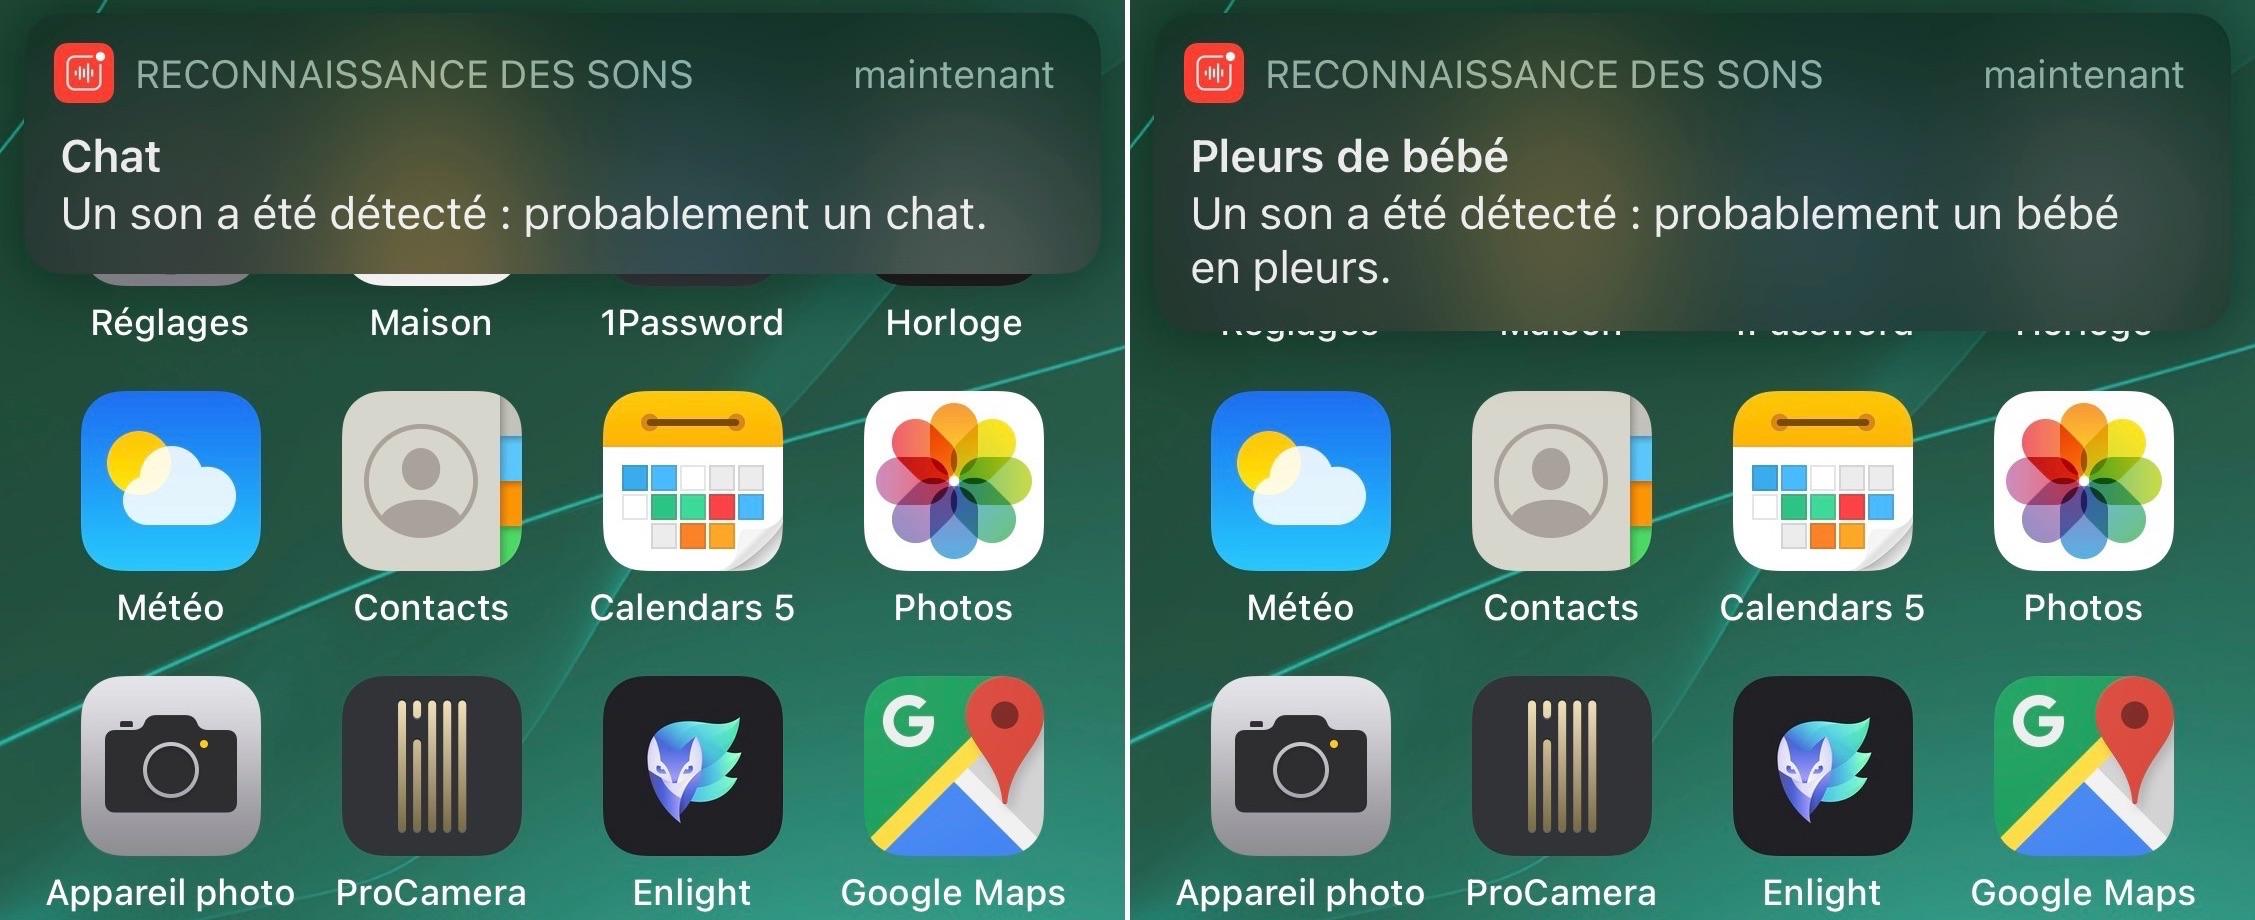 Fonction reconnaissance des sons iOS 14